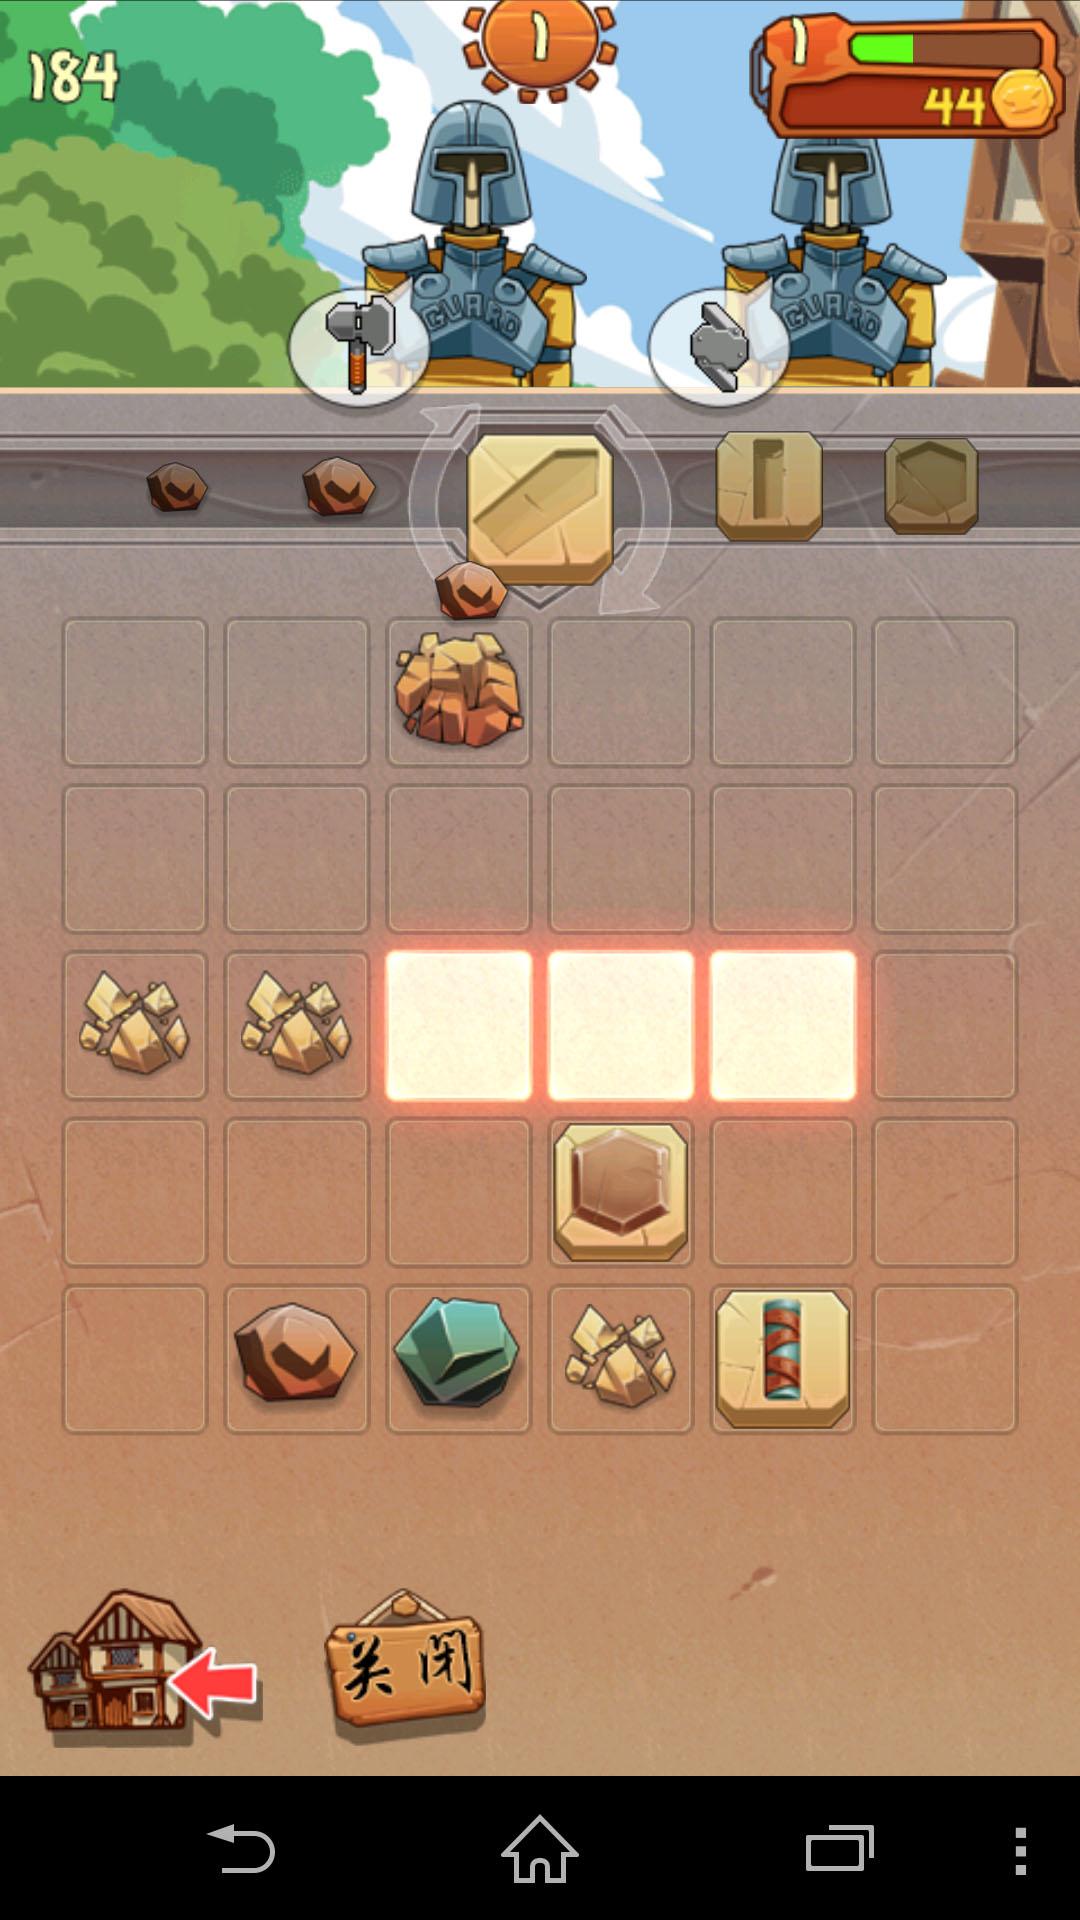 兵器时代解谜游戏 V1.1 安卓版